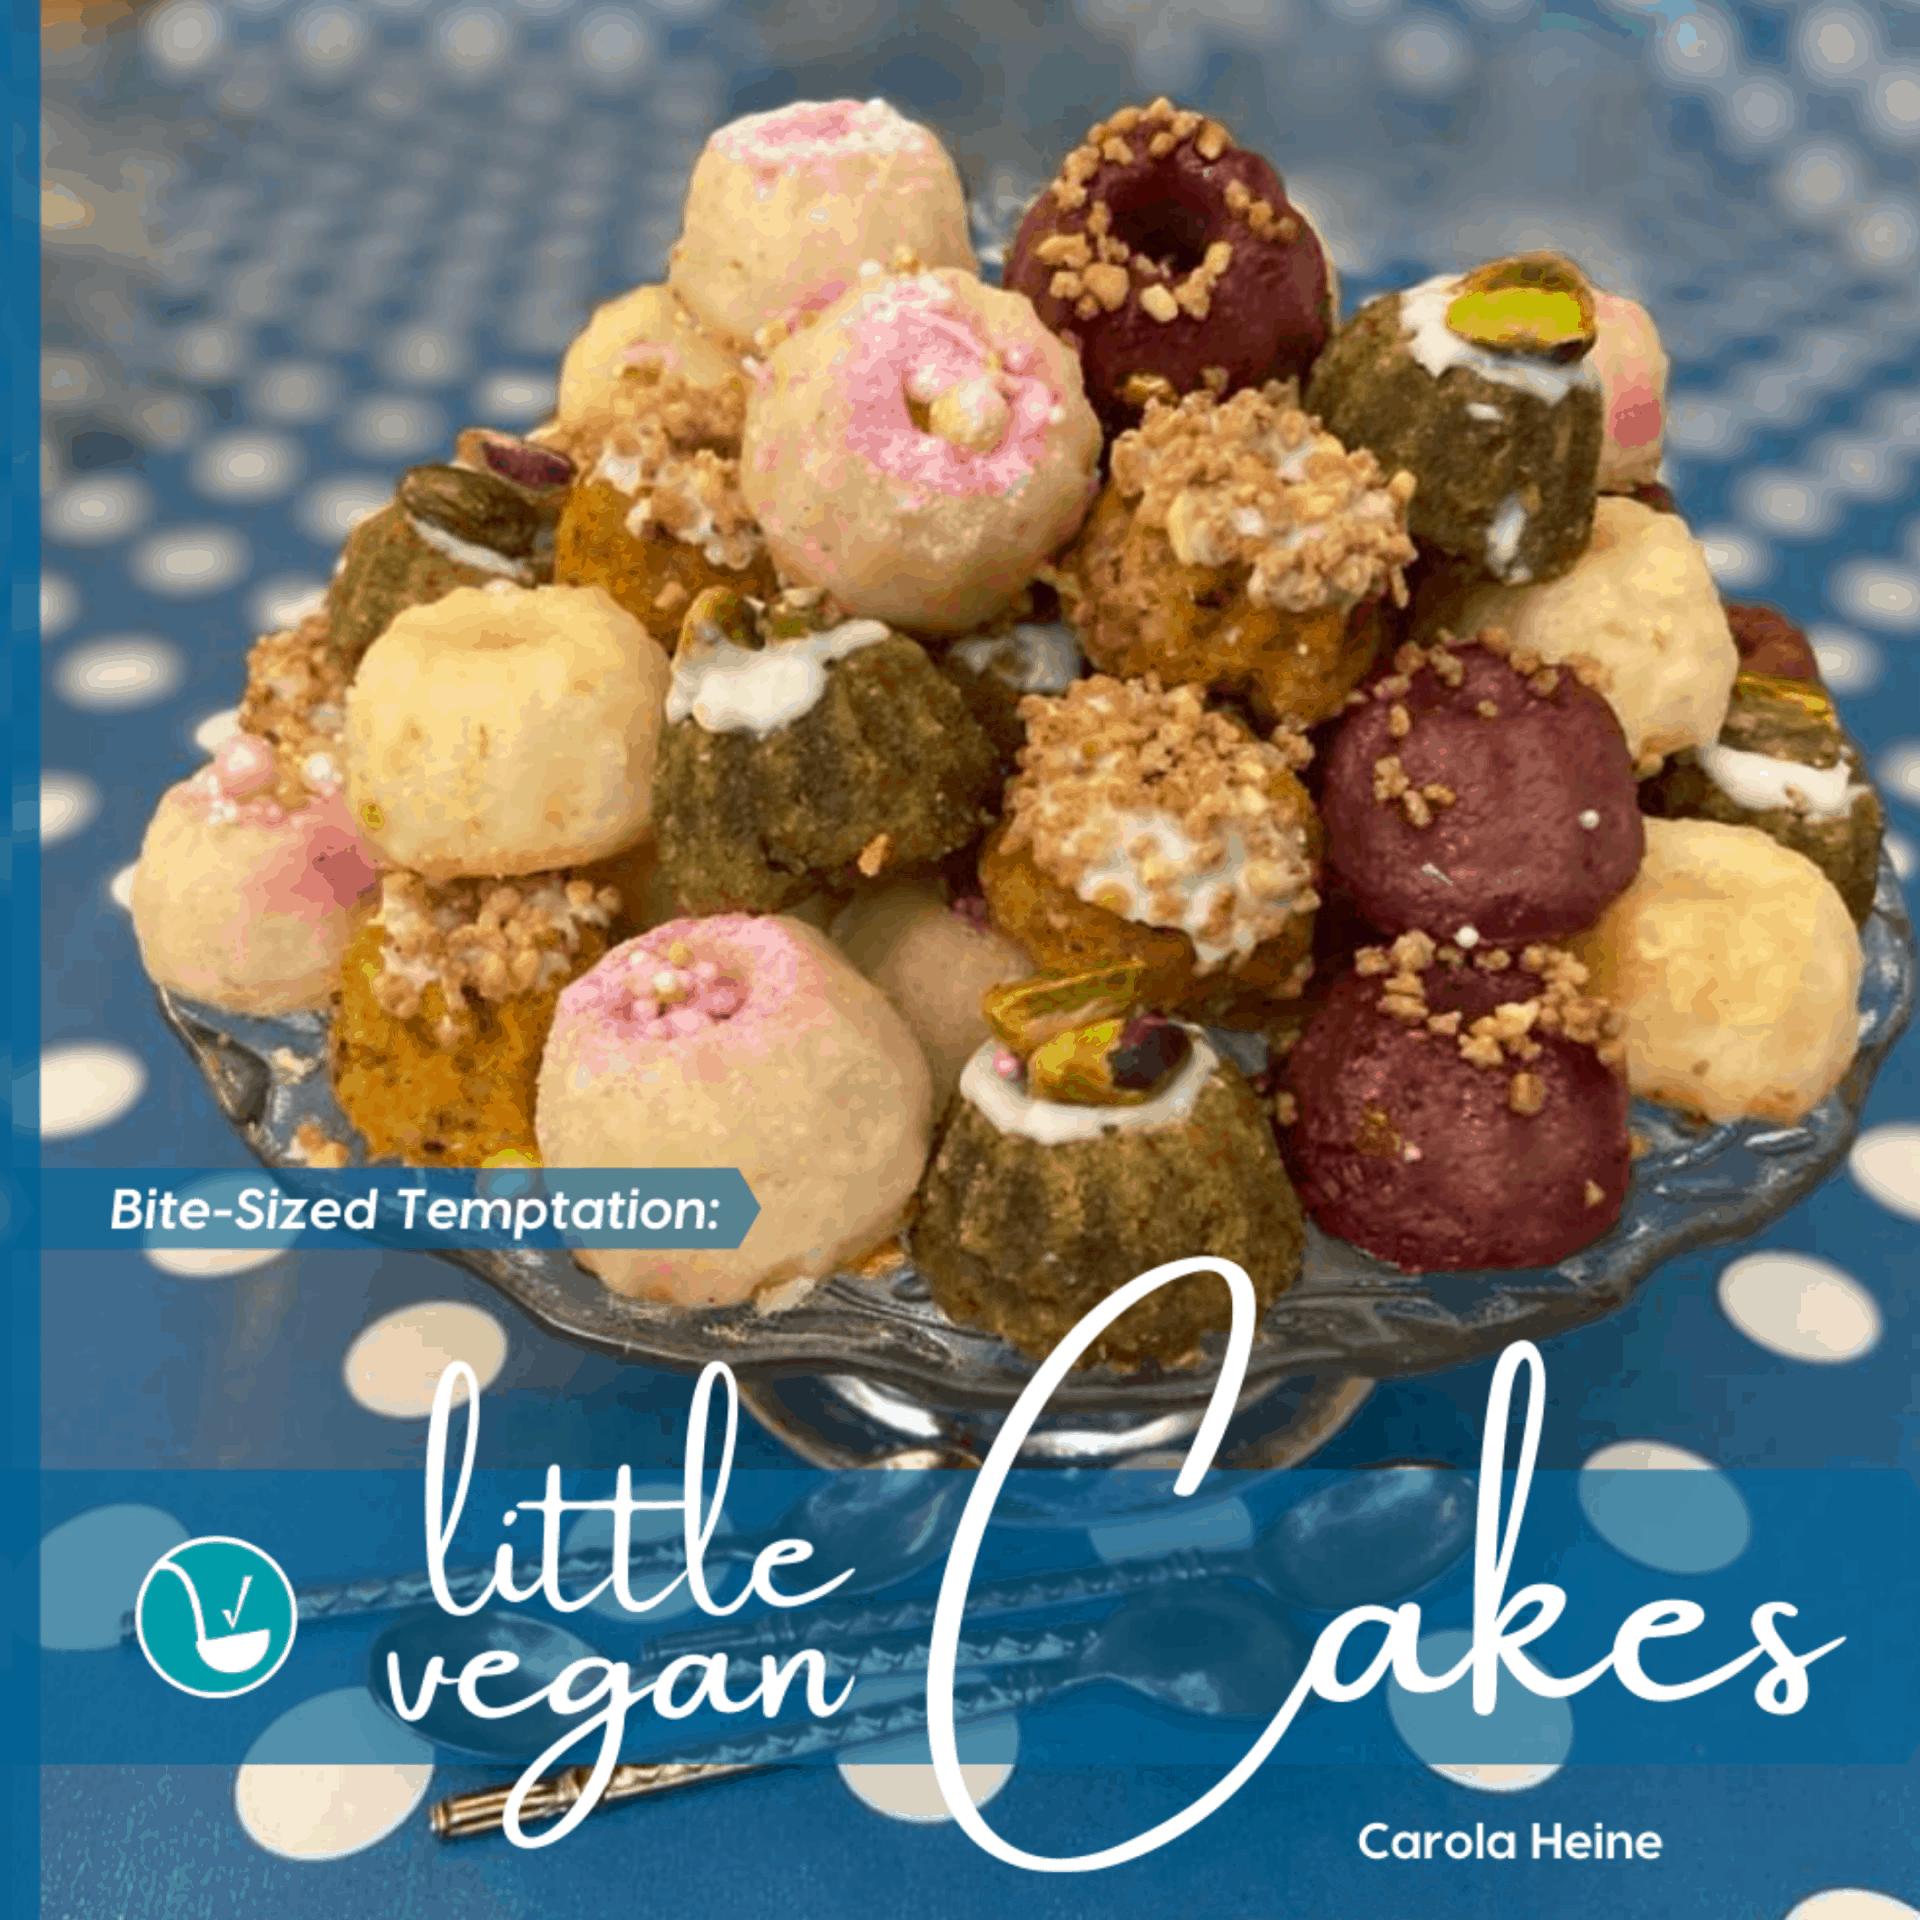 Bite-Sized Delight: Little Vegan Cakes